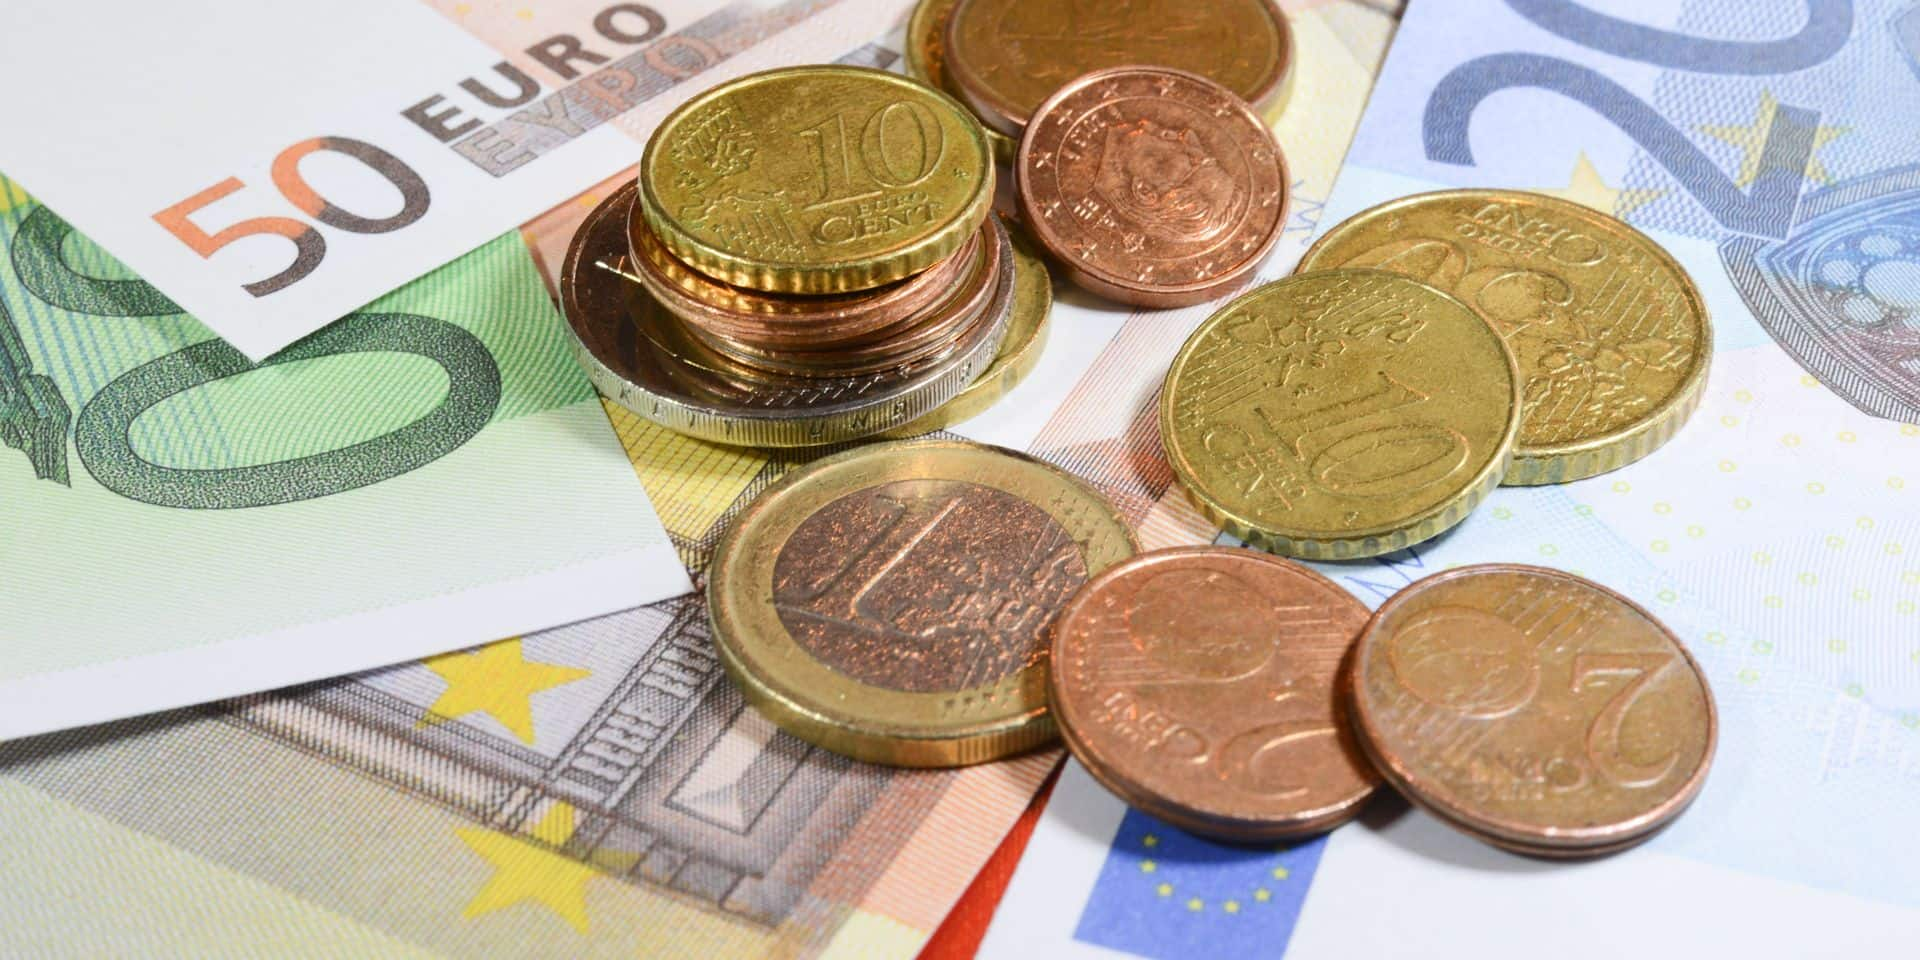 Les jobs défiscalisés ont fait gagner plus de 30 millions aux Belges